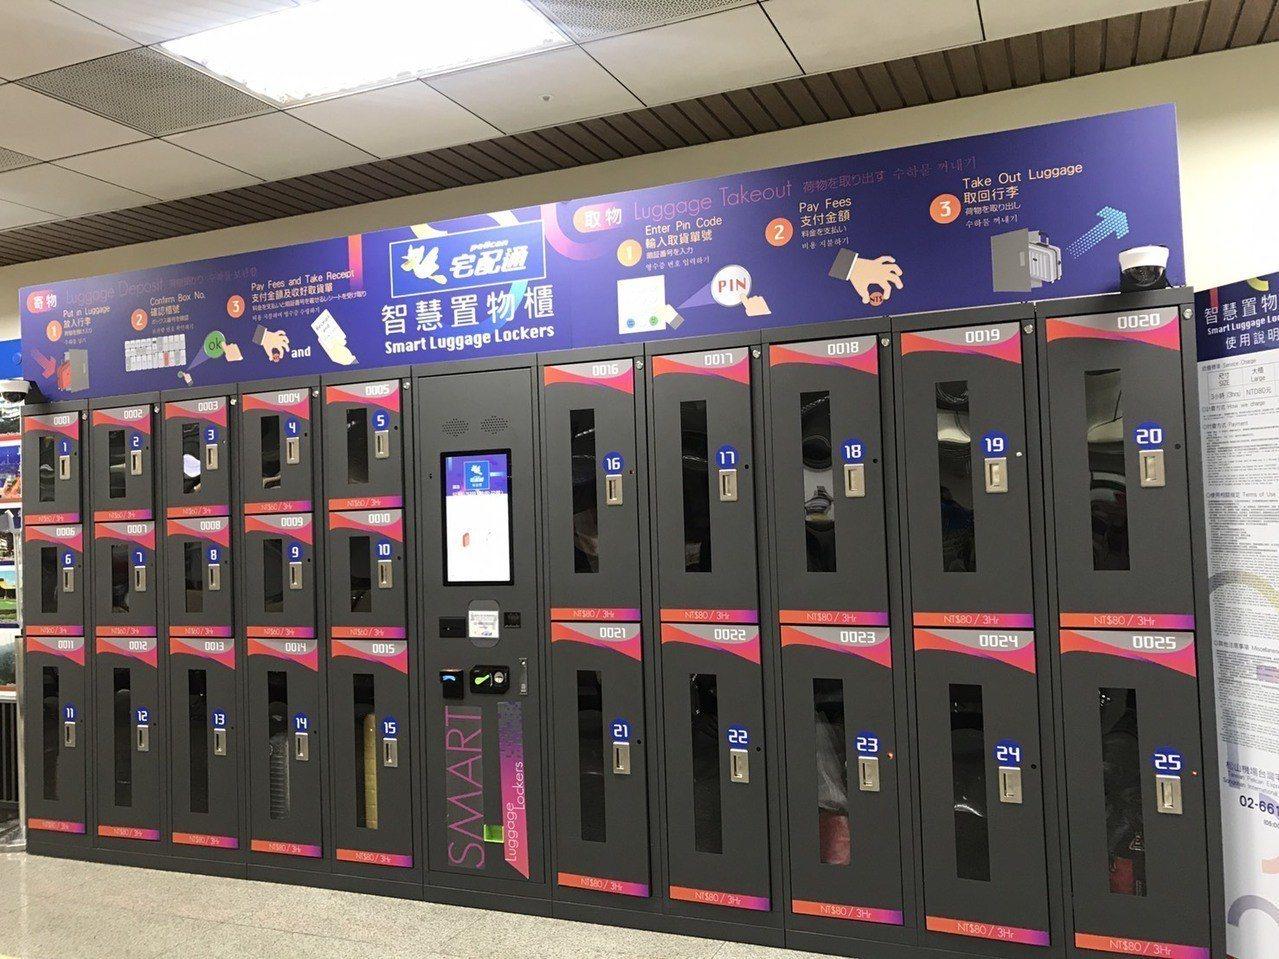 東元旗下宅配通,實際運用於松山機場的行李智慧置物櫃。圖/東元提供